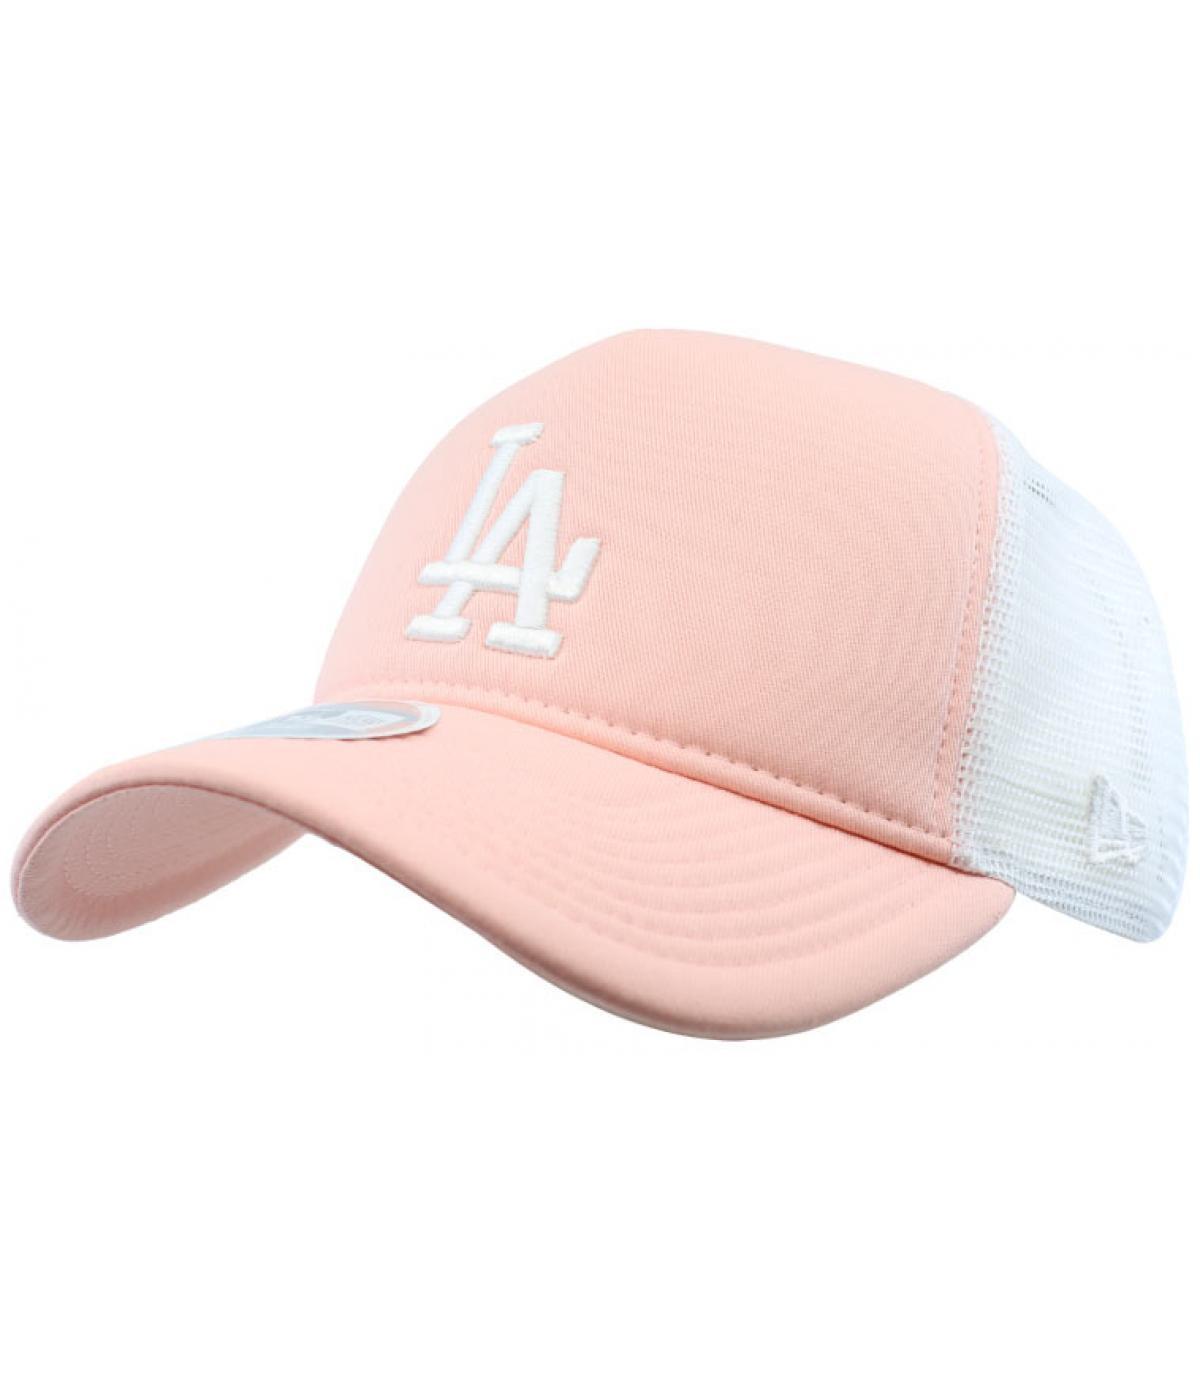 Detalles Female Wmns League Ess Trucker LA pink imagen 2